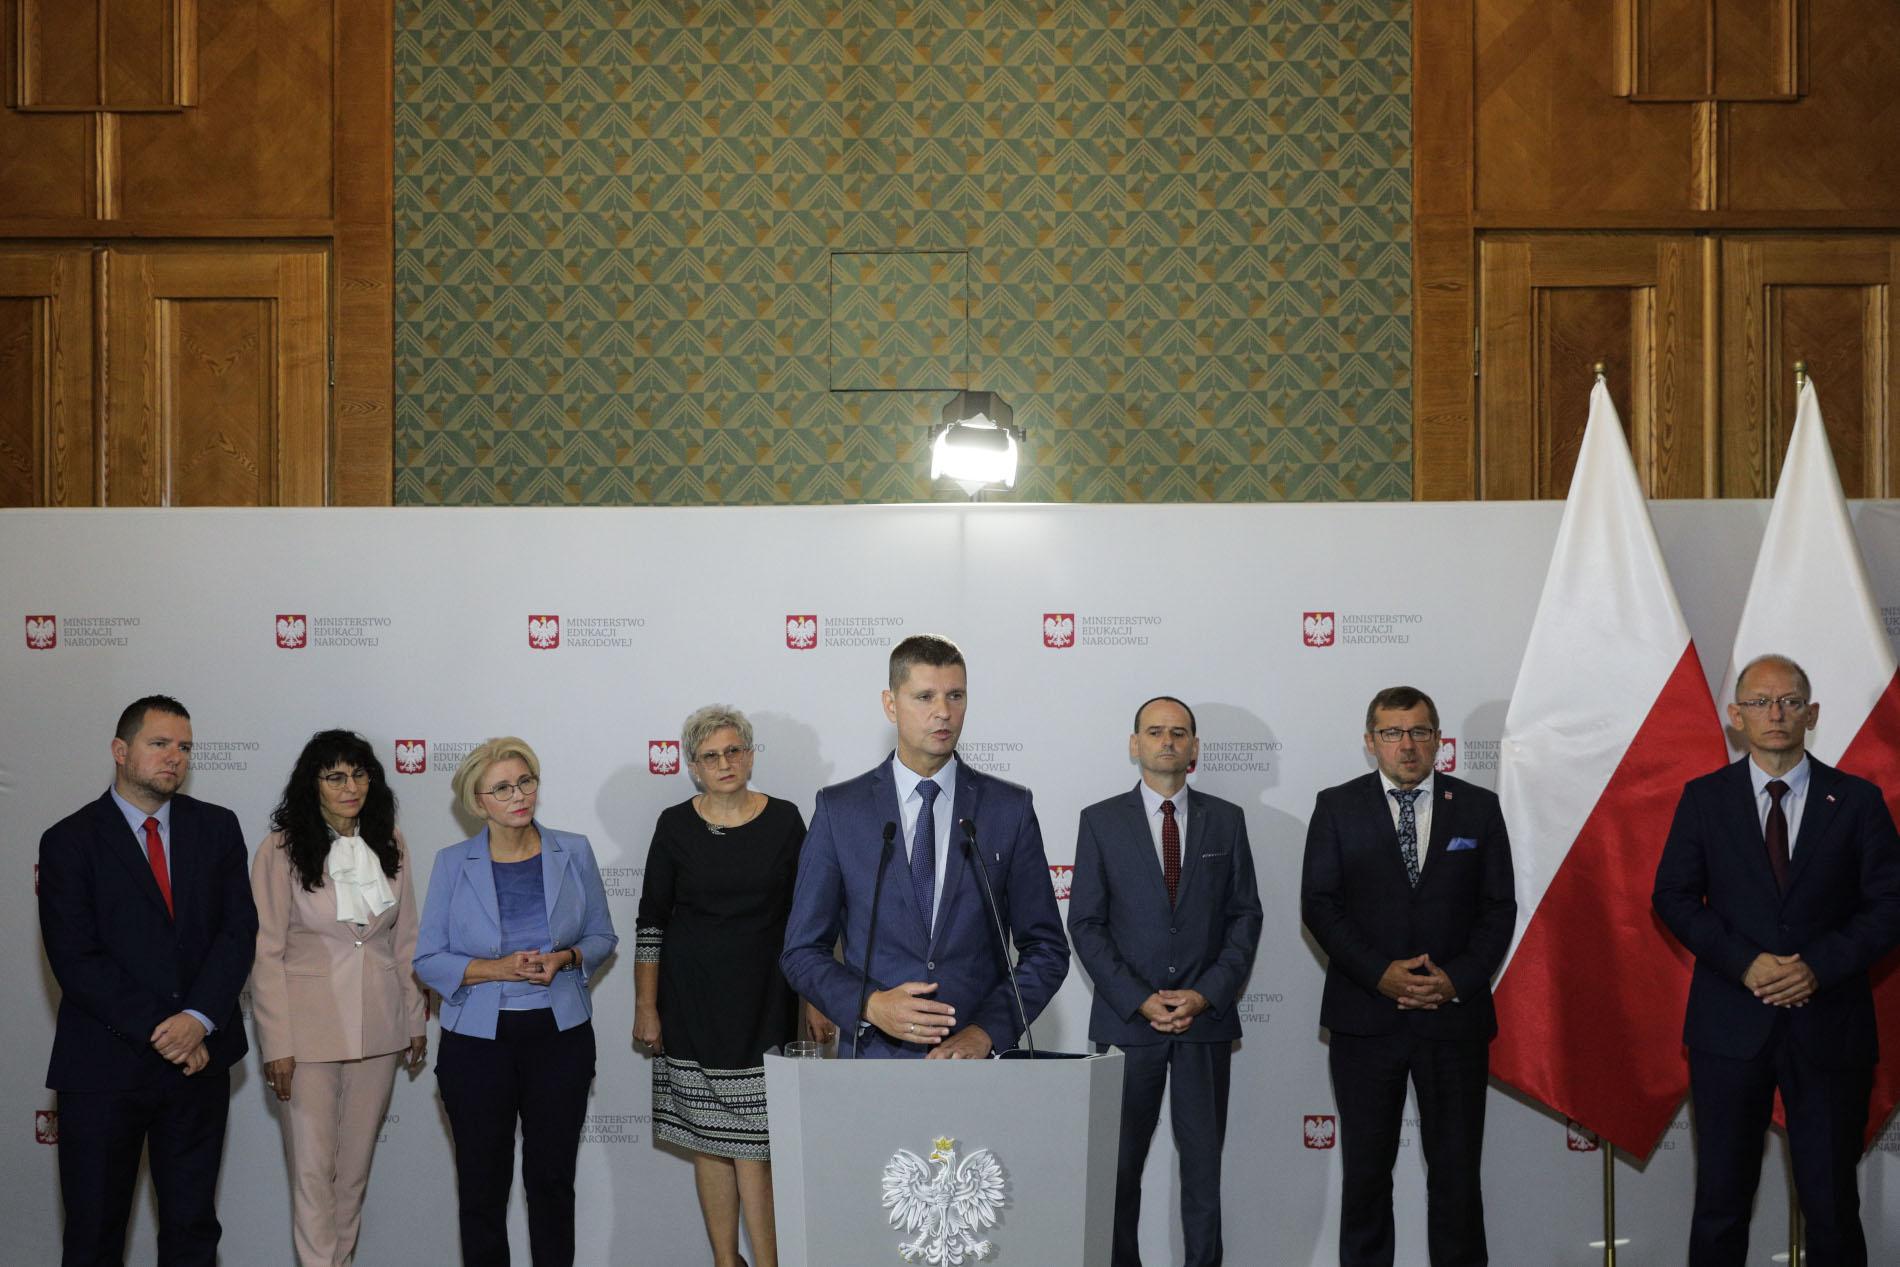 Konferencja prasowa ministra edukacji narodowej, fot. Andrzej Hulimka / Forum